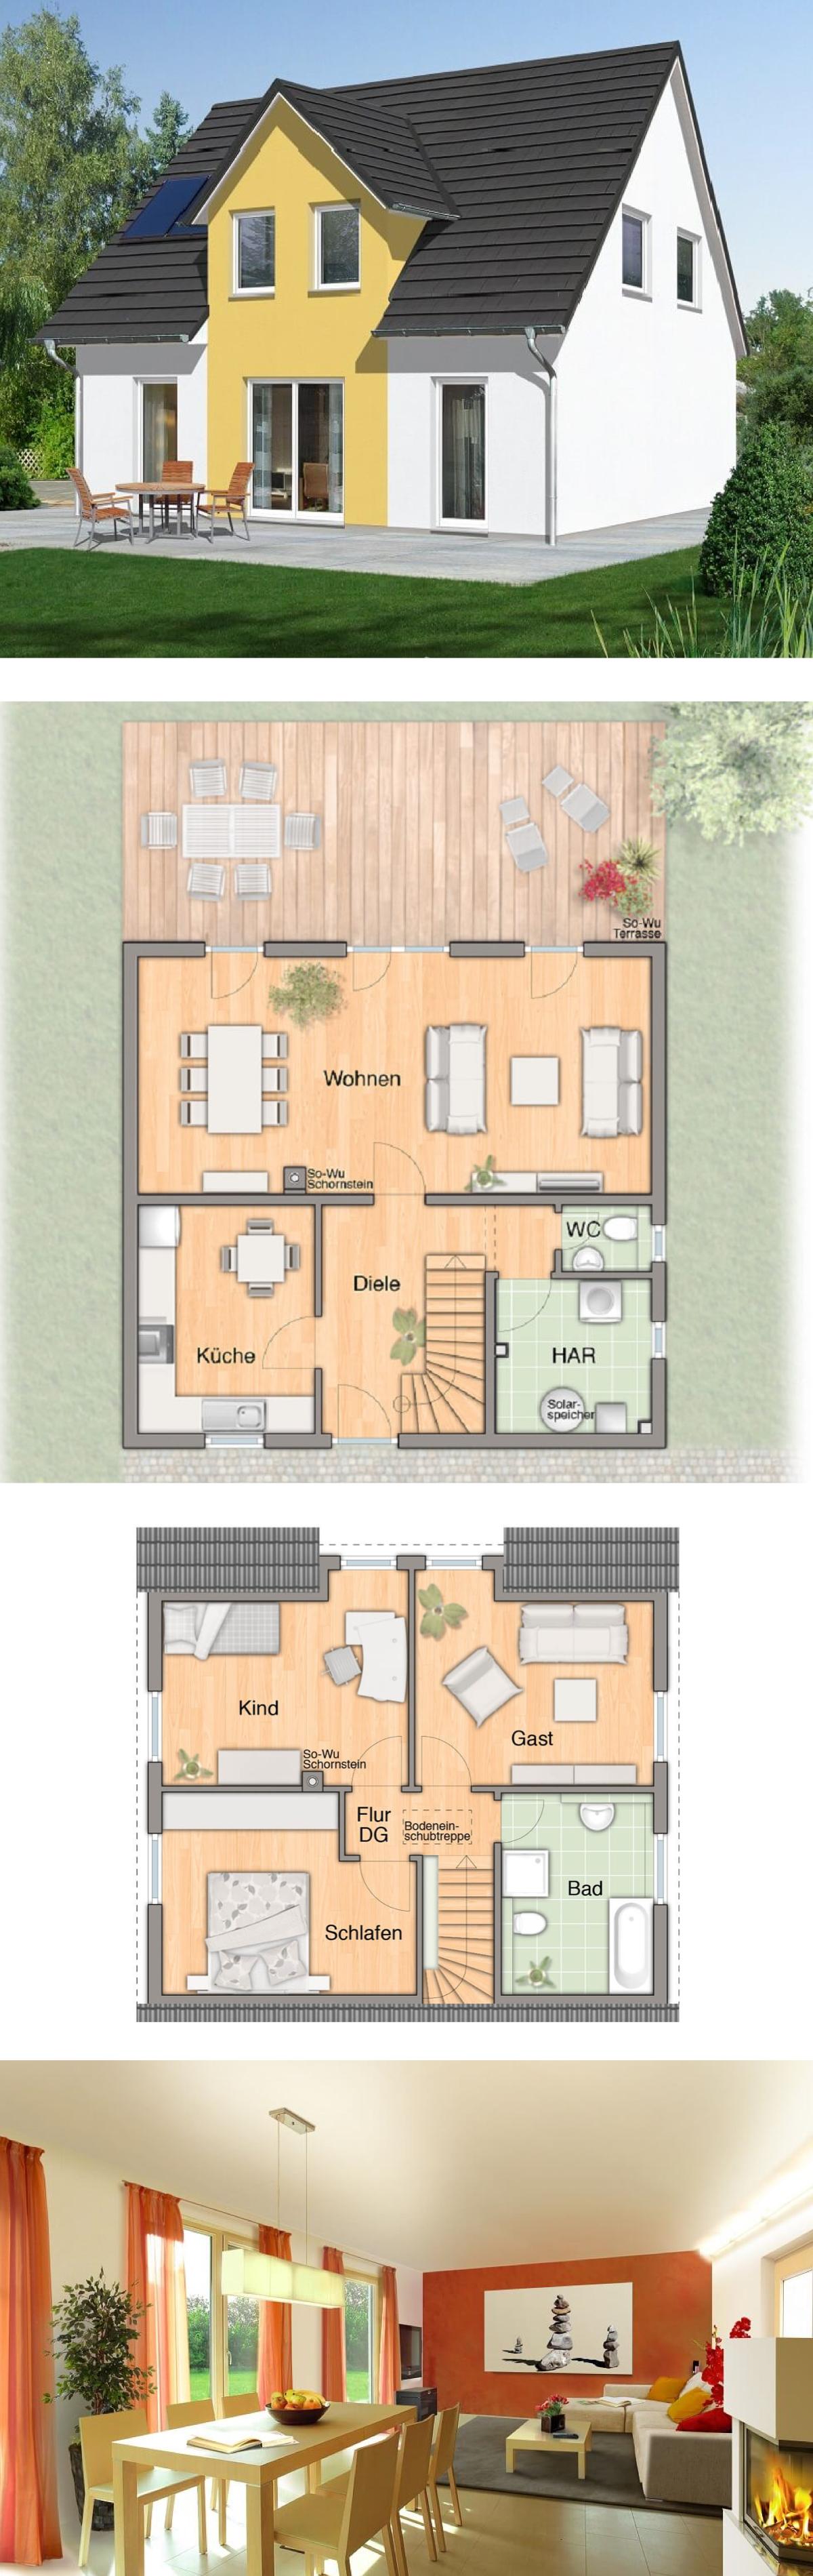 EINFAMILIENHAUS Flair 113 Town & Country Haus * Massivhaus bauen ...